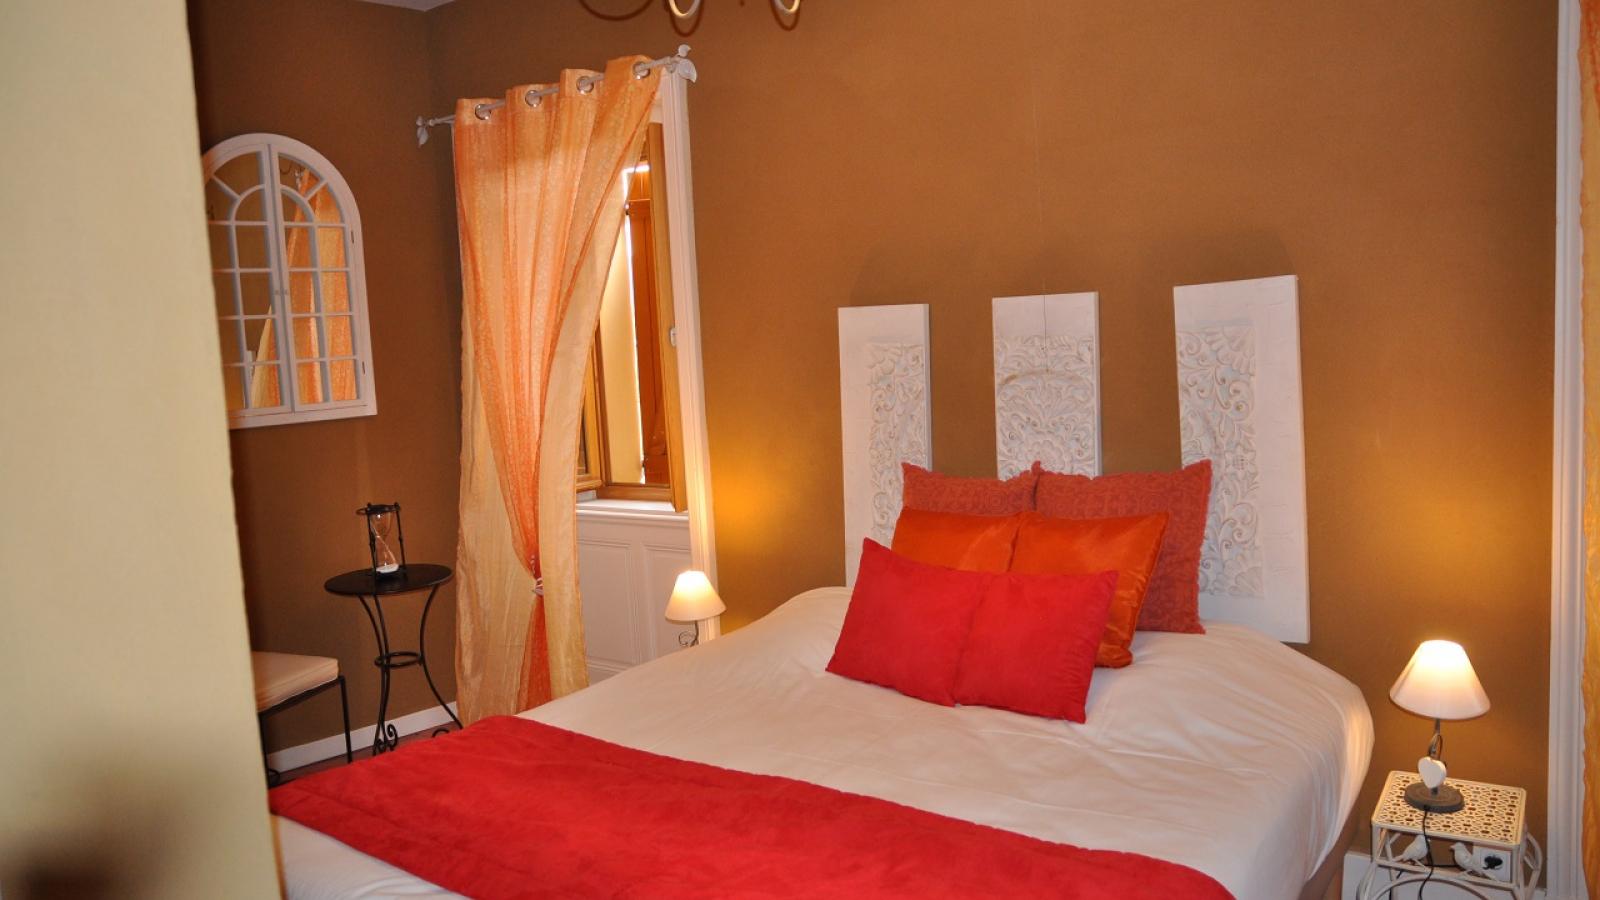 Chambres d'Hôtes 'Domaine aux 4 Temps' à Villié-Morgon (Rhône-Beaujolais) : la Chambre 'Le Temps d'un Sourire'.